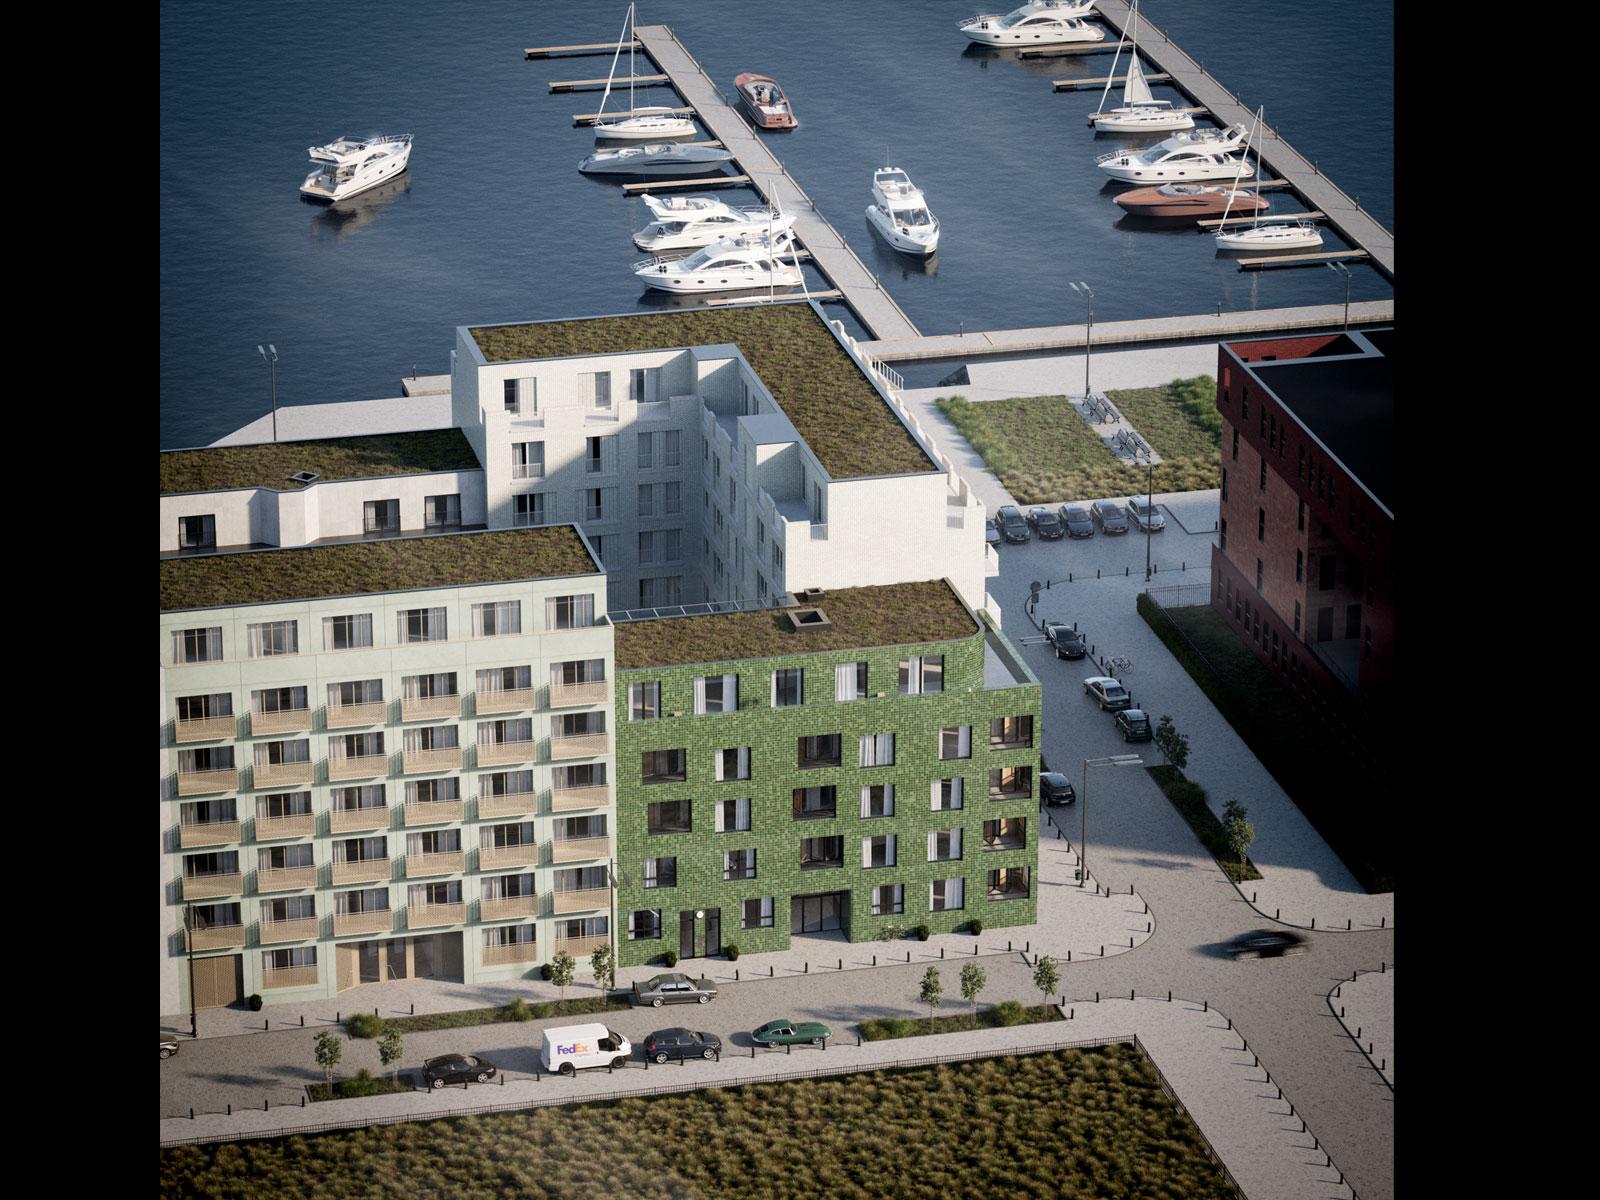 Appartement te koop te 2000 antwerpen 335000 dvvt d 5 1 for Gelijkvloers appartement te koop antwerpen